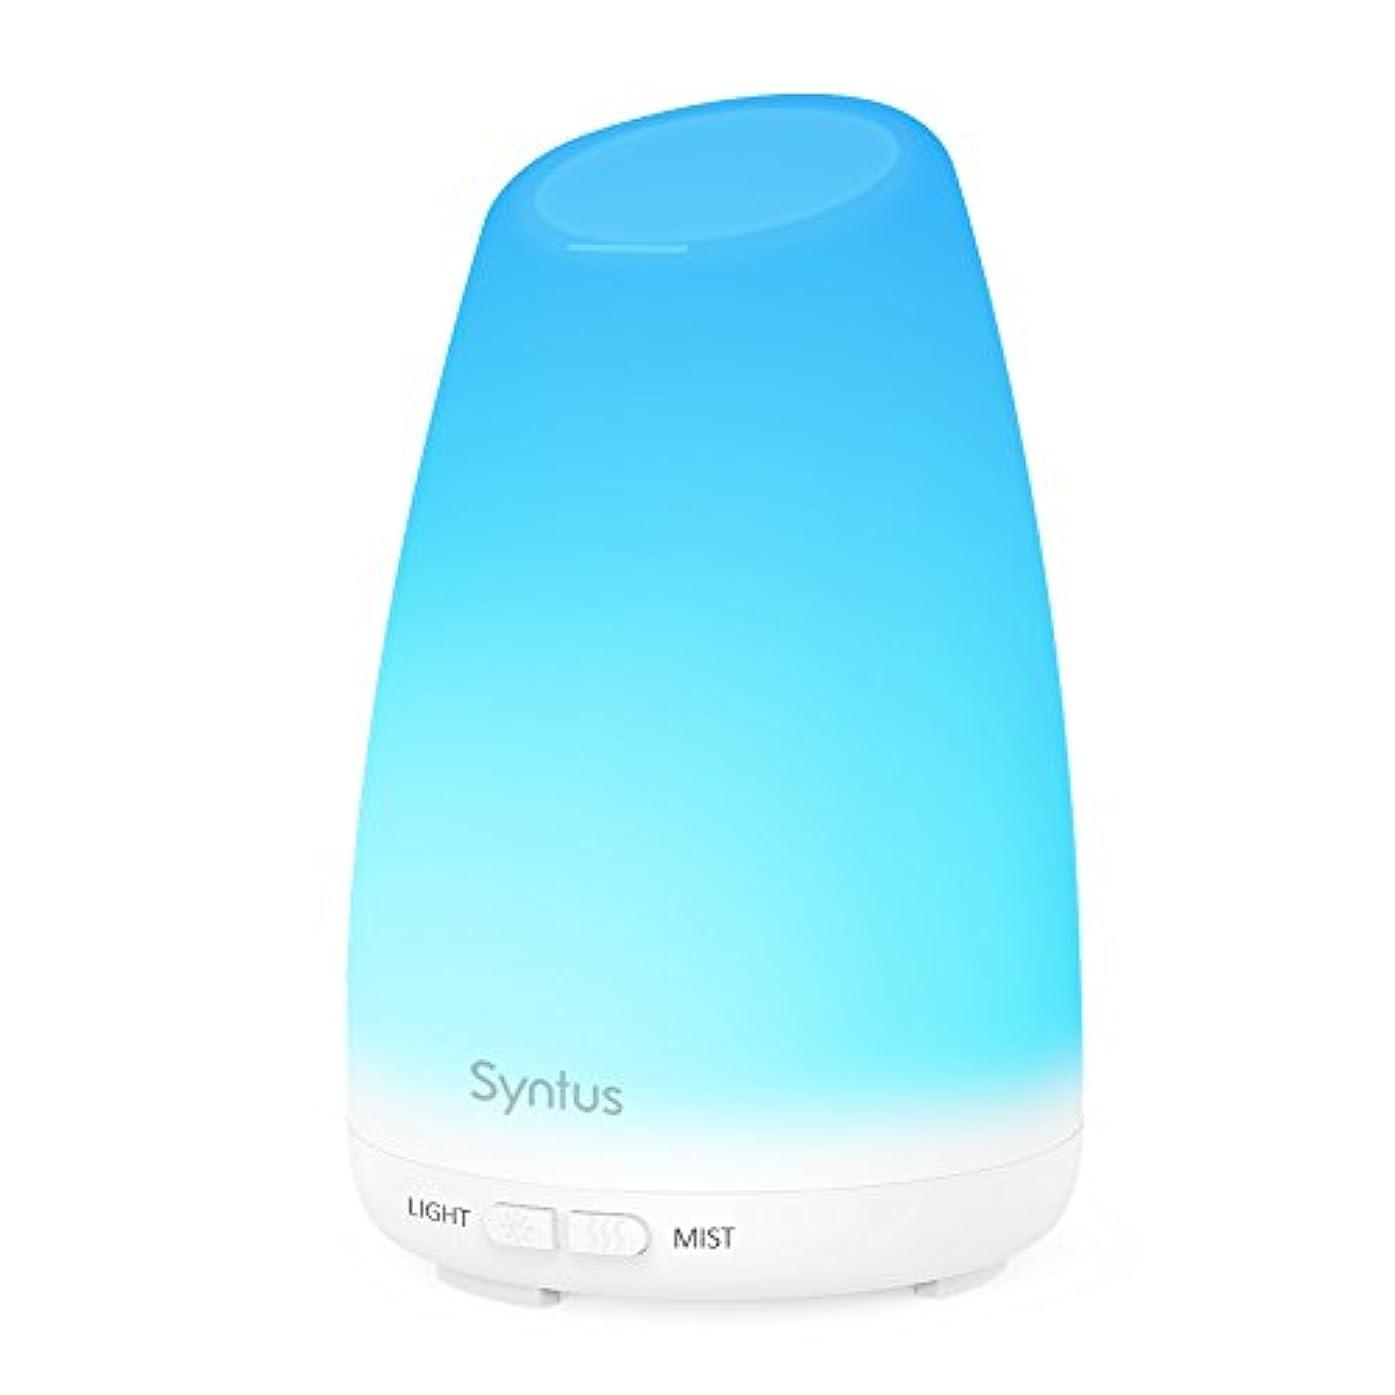 折結紮圧縮するSyntus 150ml エッセンシャルオイルディフューザー ポータブル超音波式アロマセラピーディフューザー 7色に変わるLEDライト 変更可能なミストモード 水切れ自動停止機能